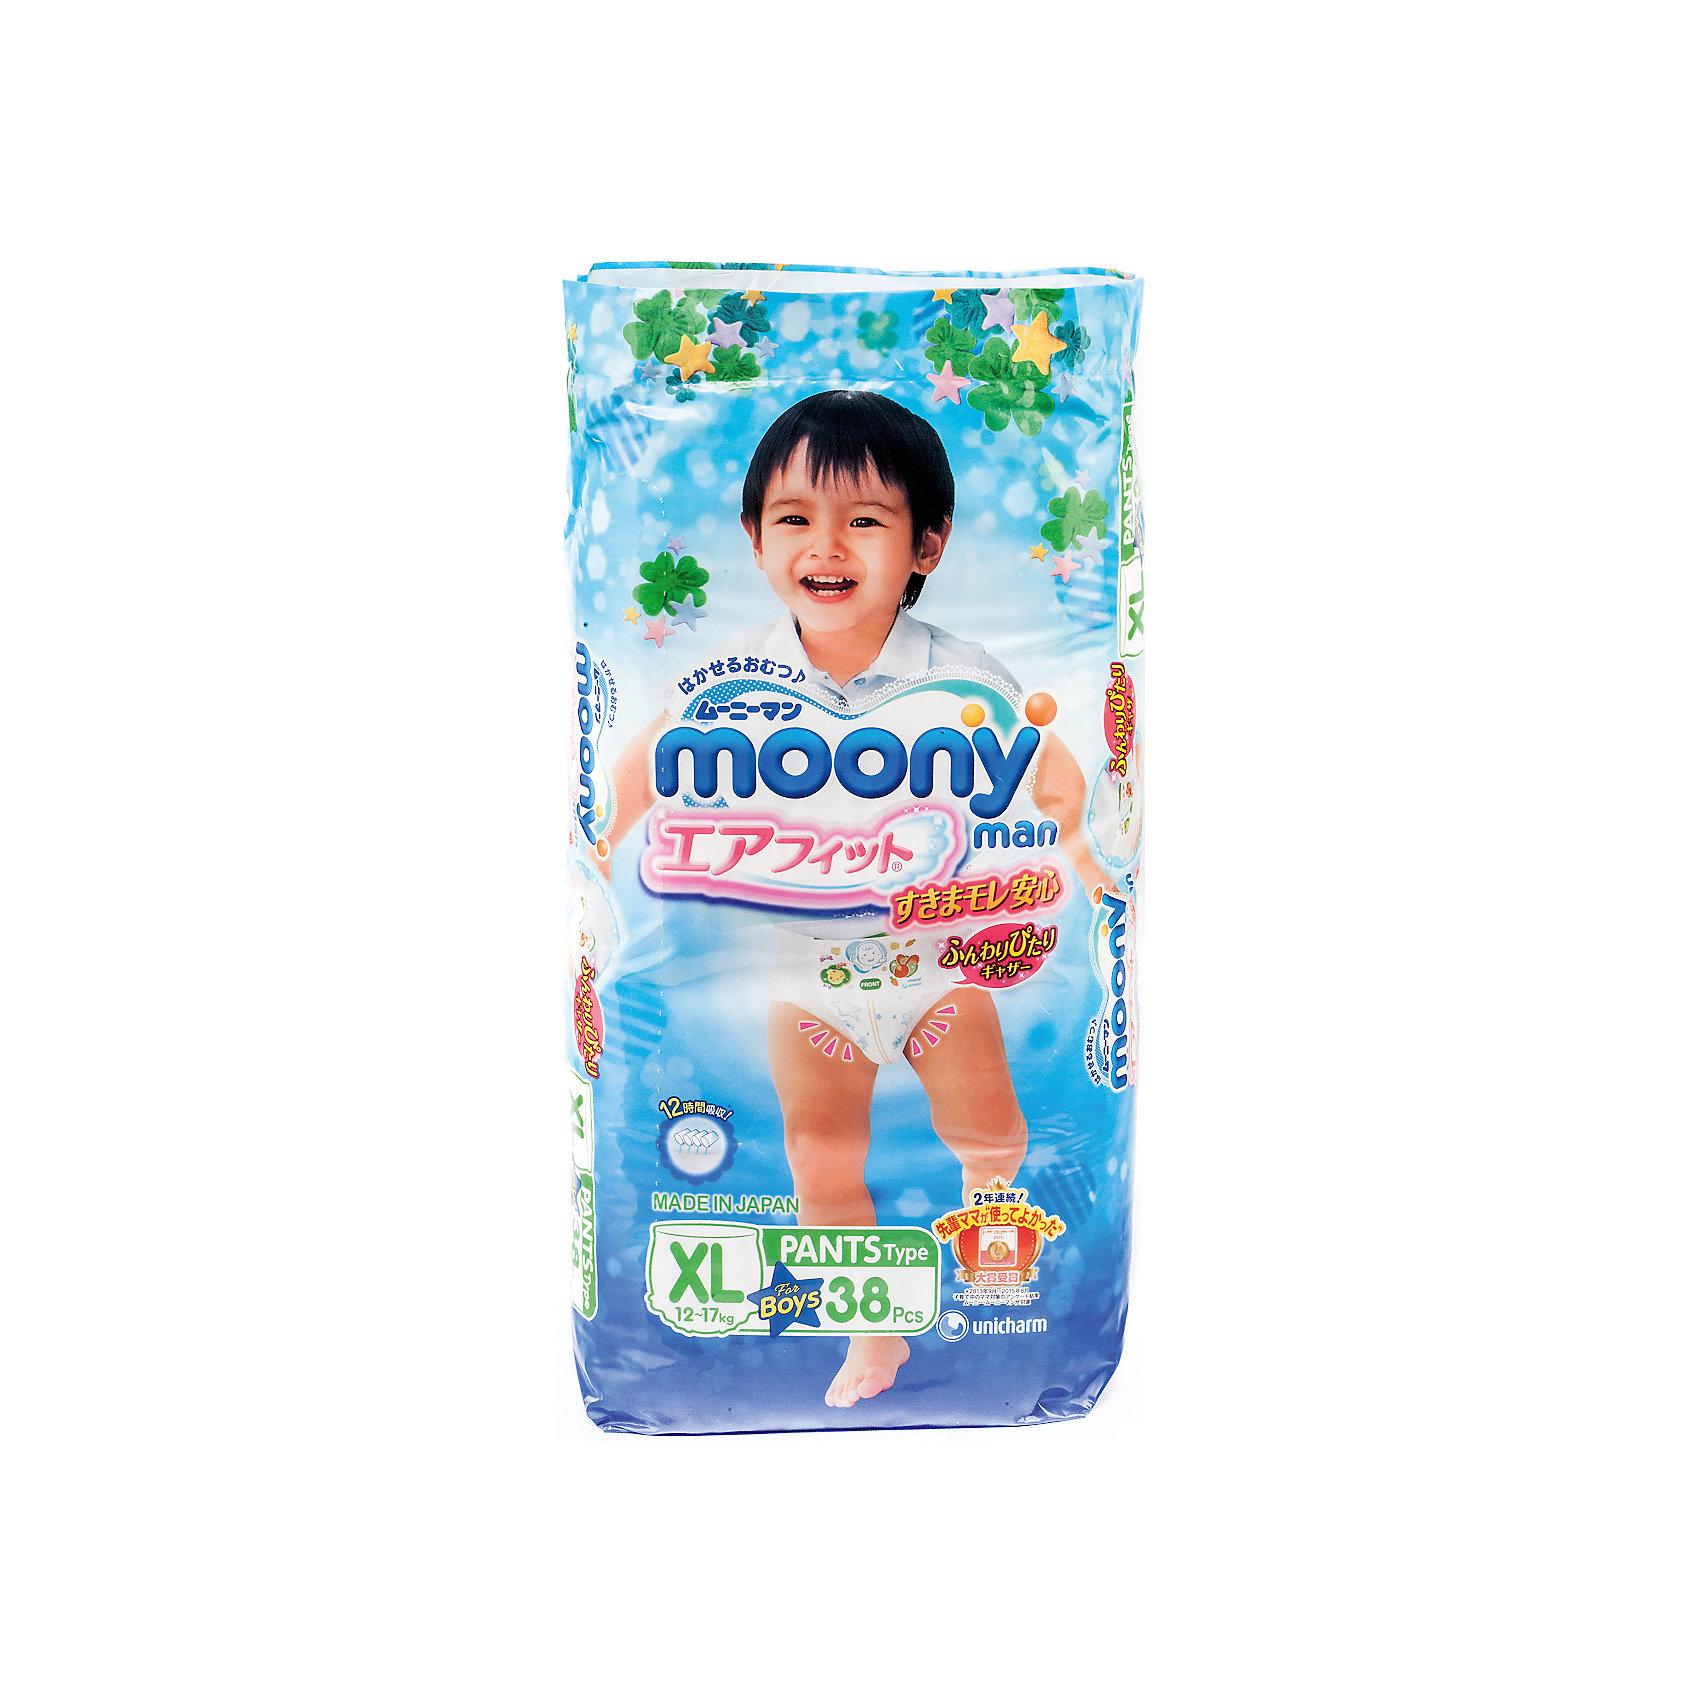 �������-���������� ��� ��������� Moony Man, XL 12-17 ��., 38 ��